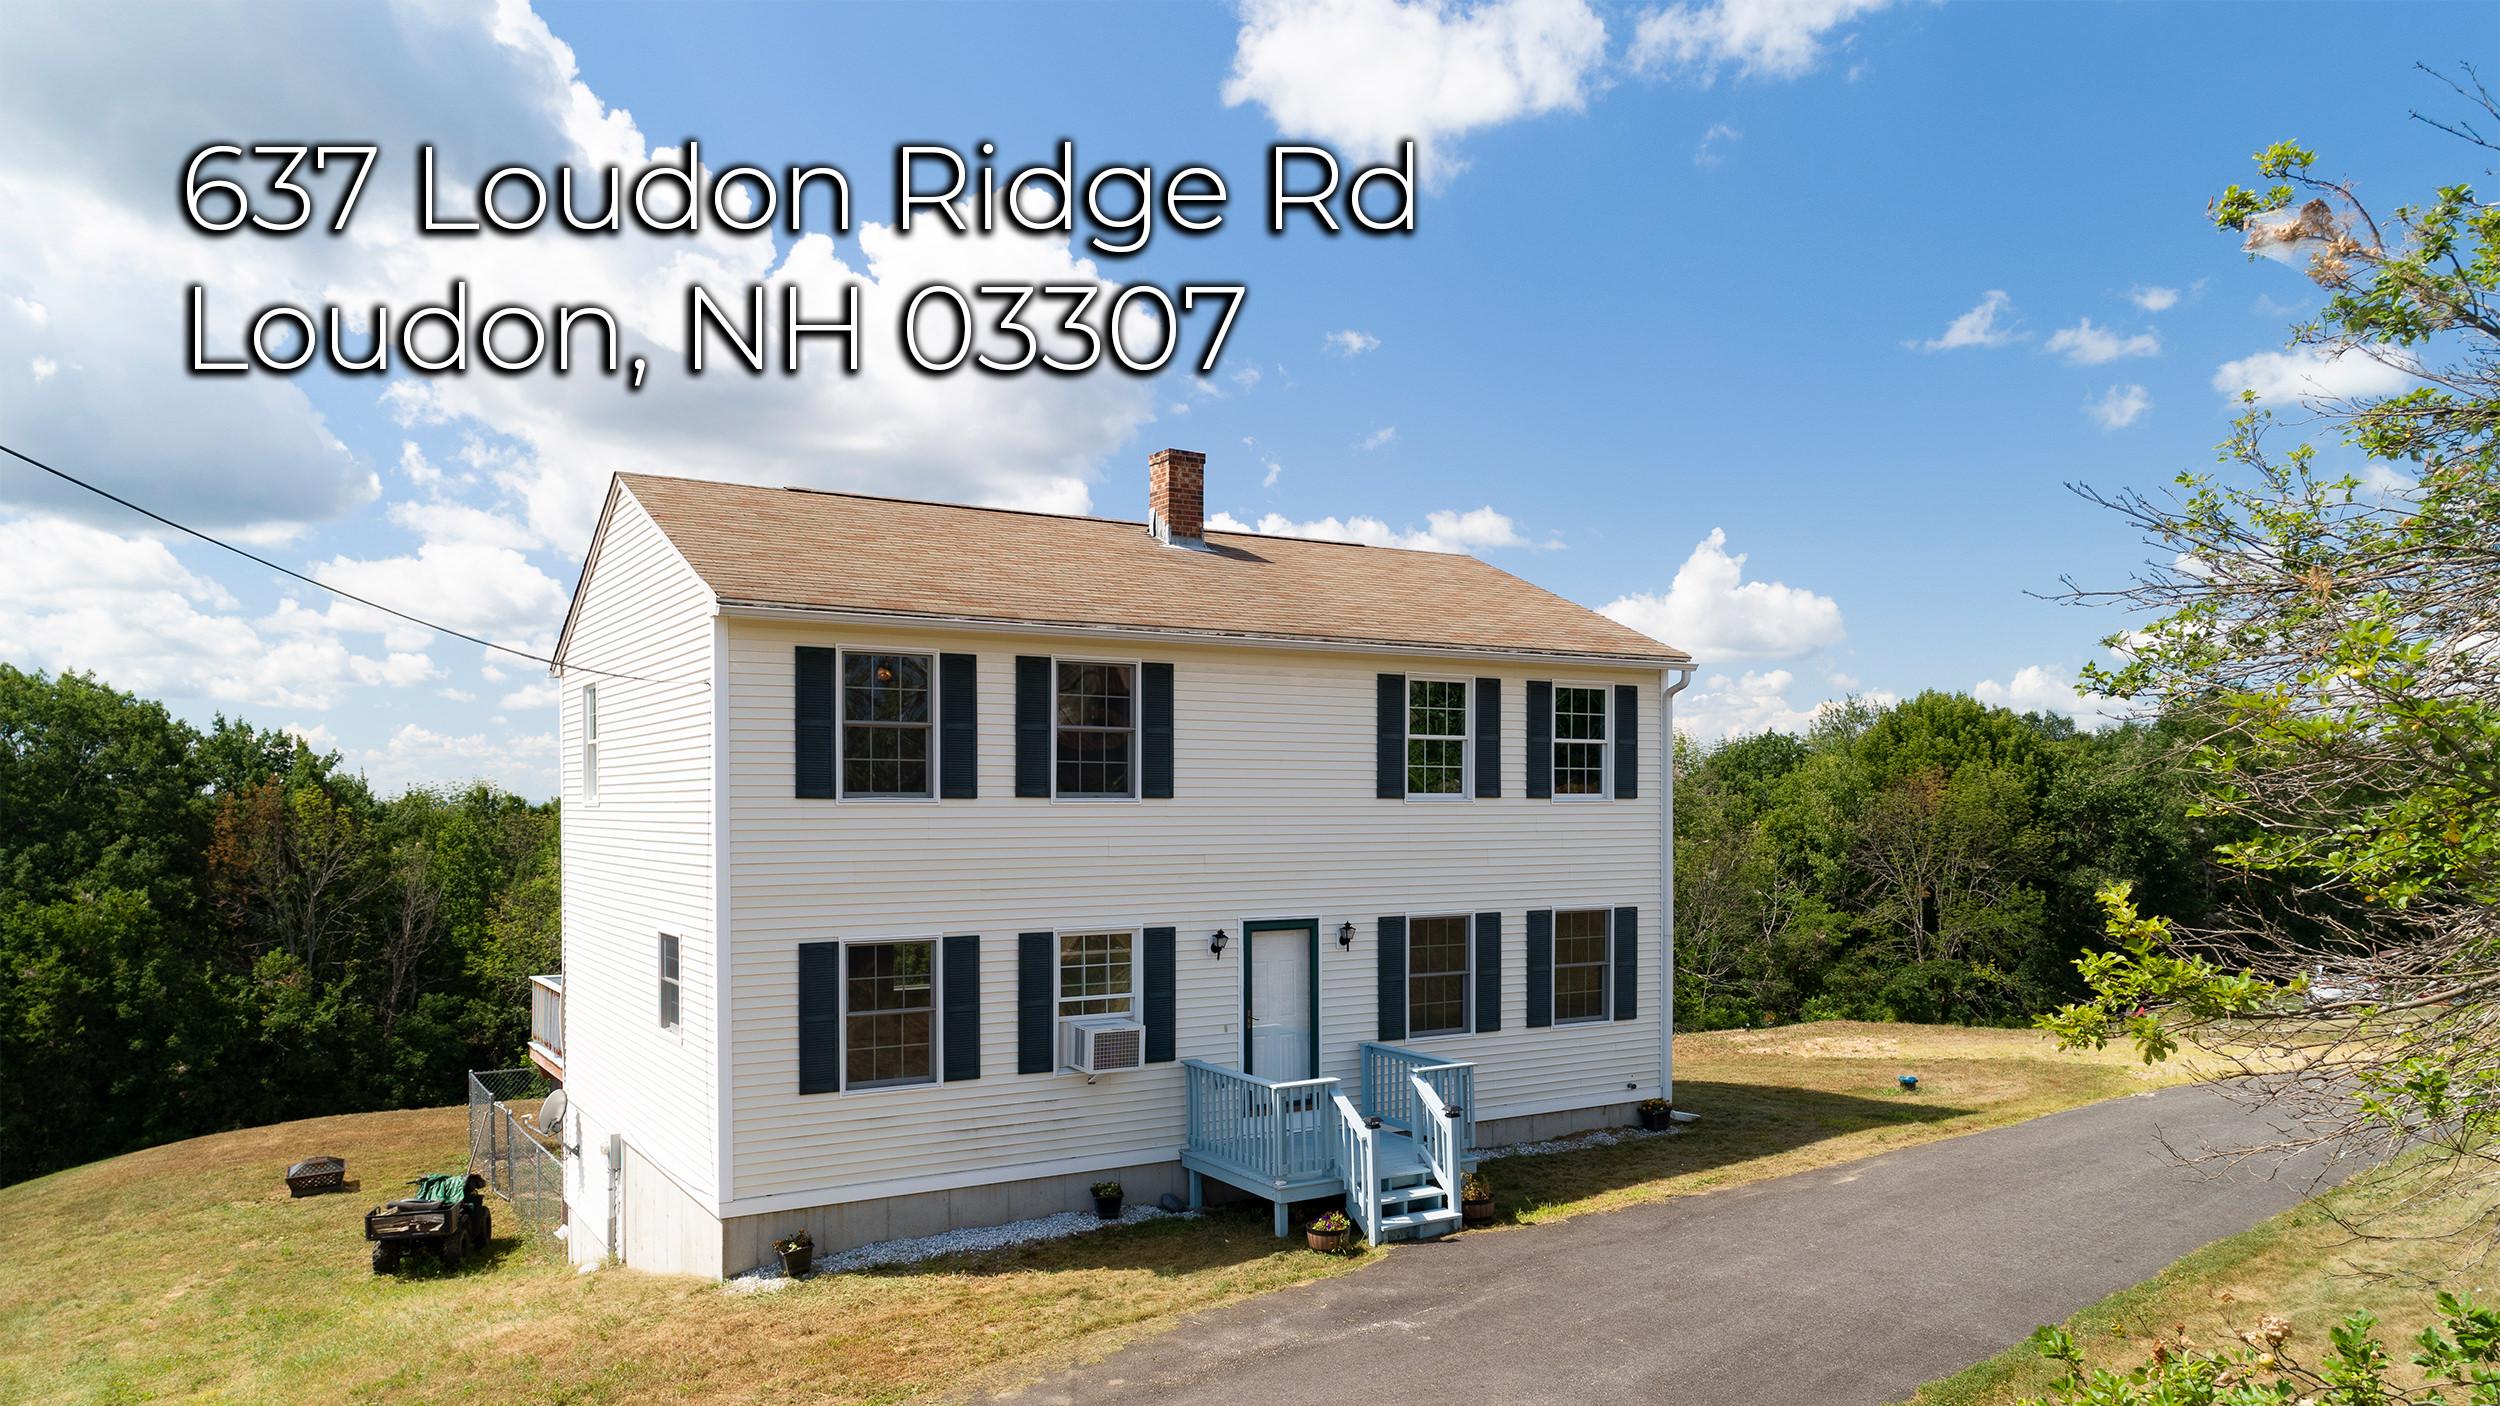 637 Loudon Ridge Rd Loudon NH 03307